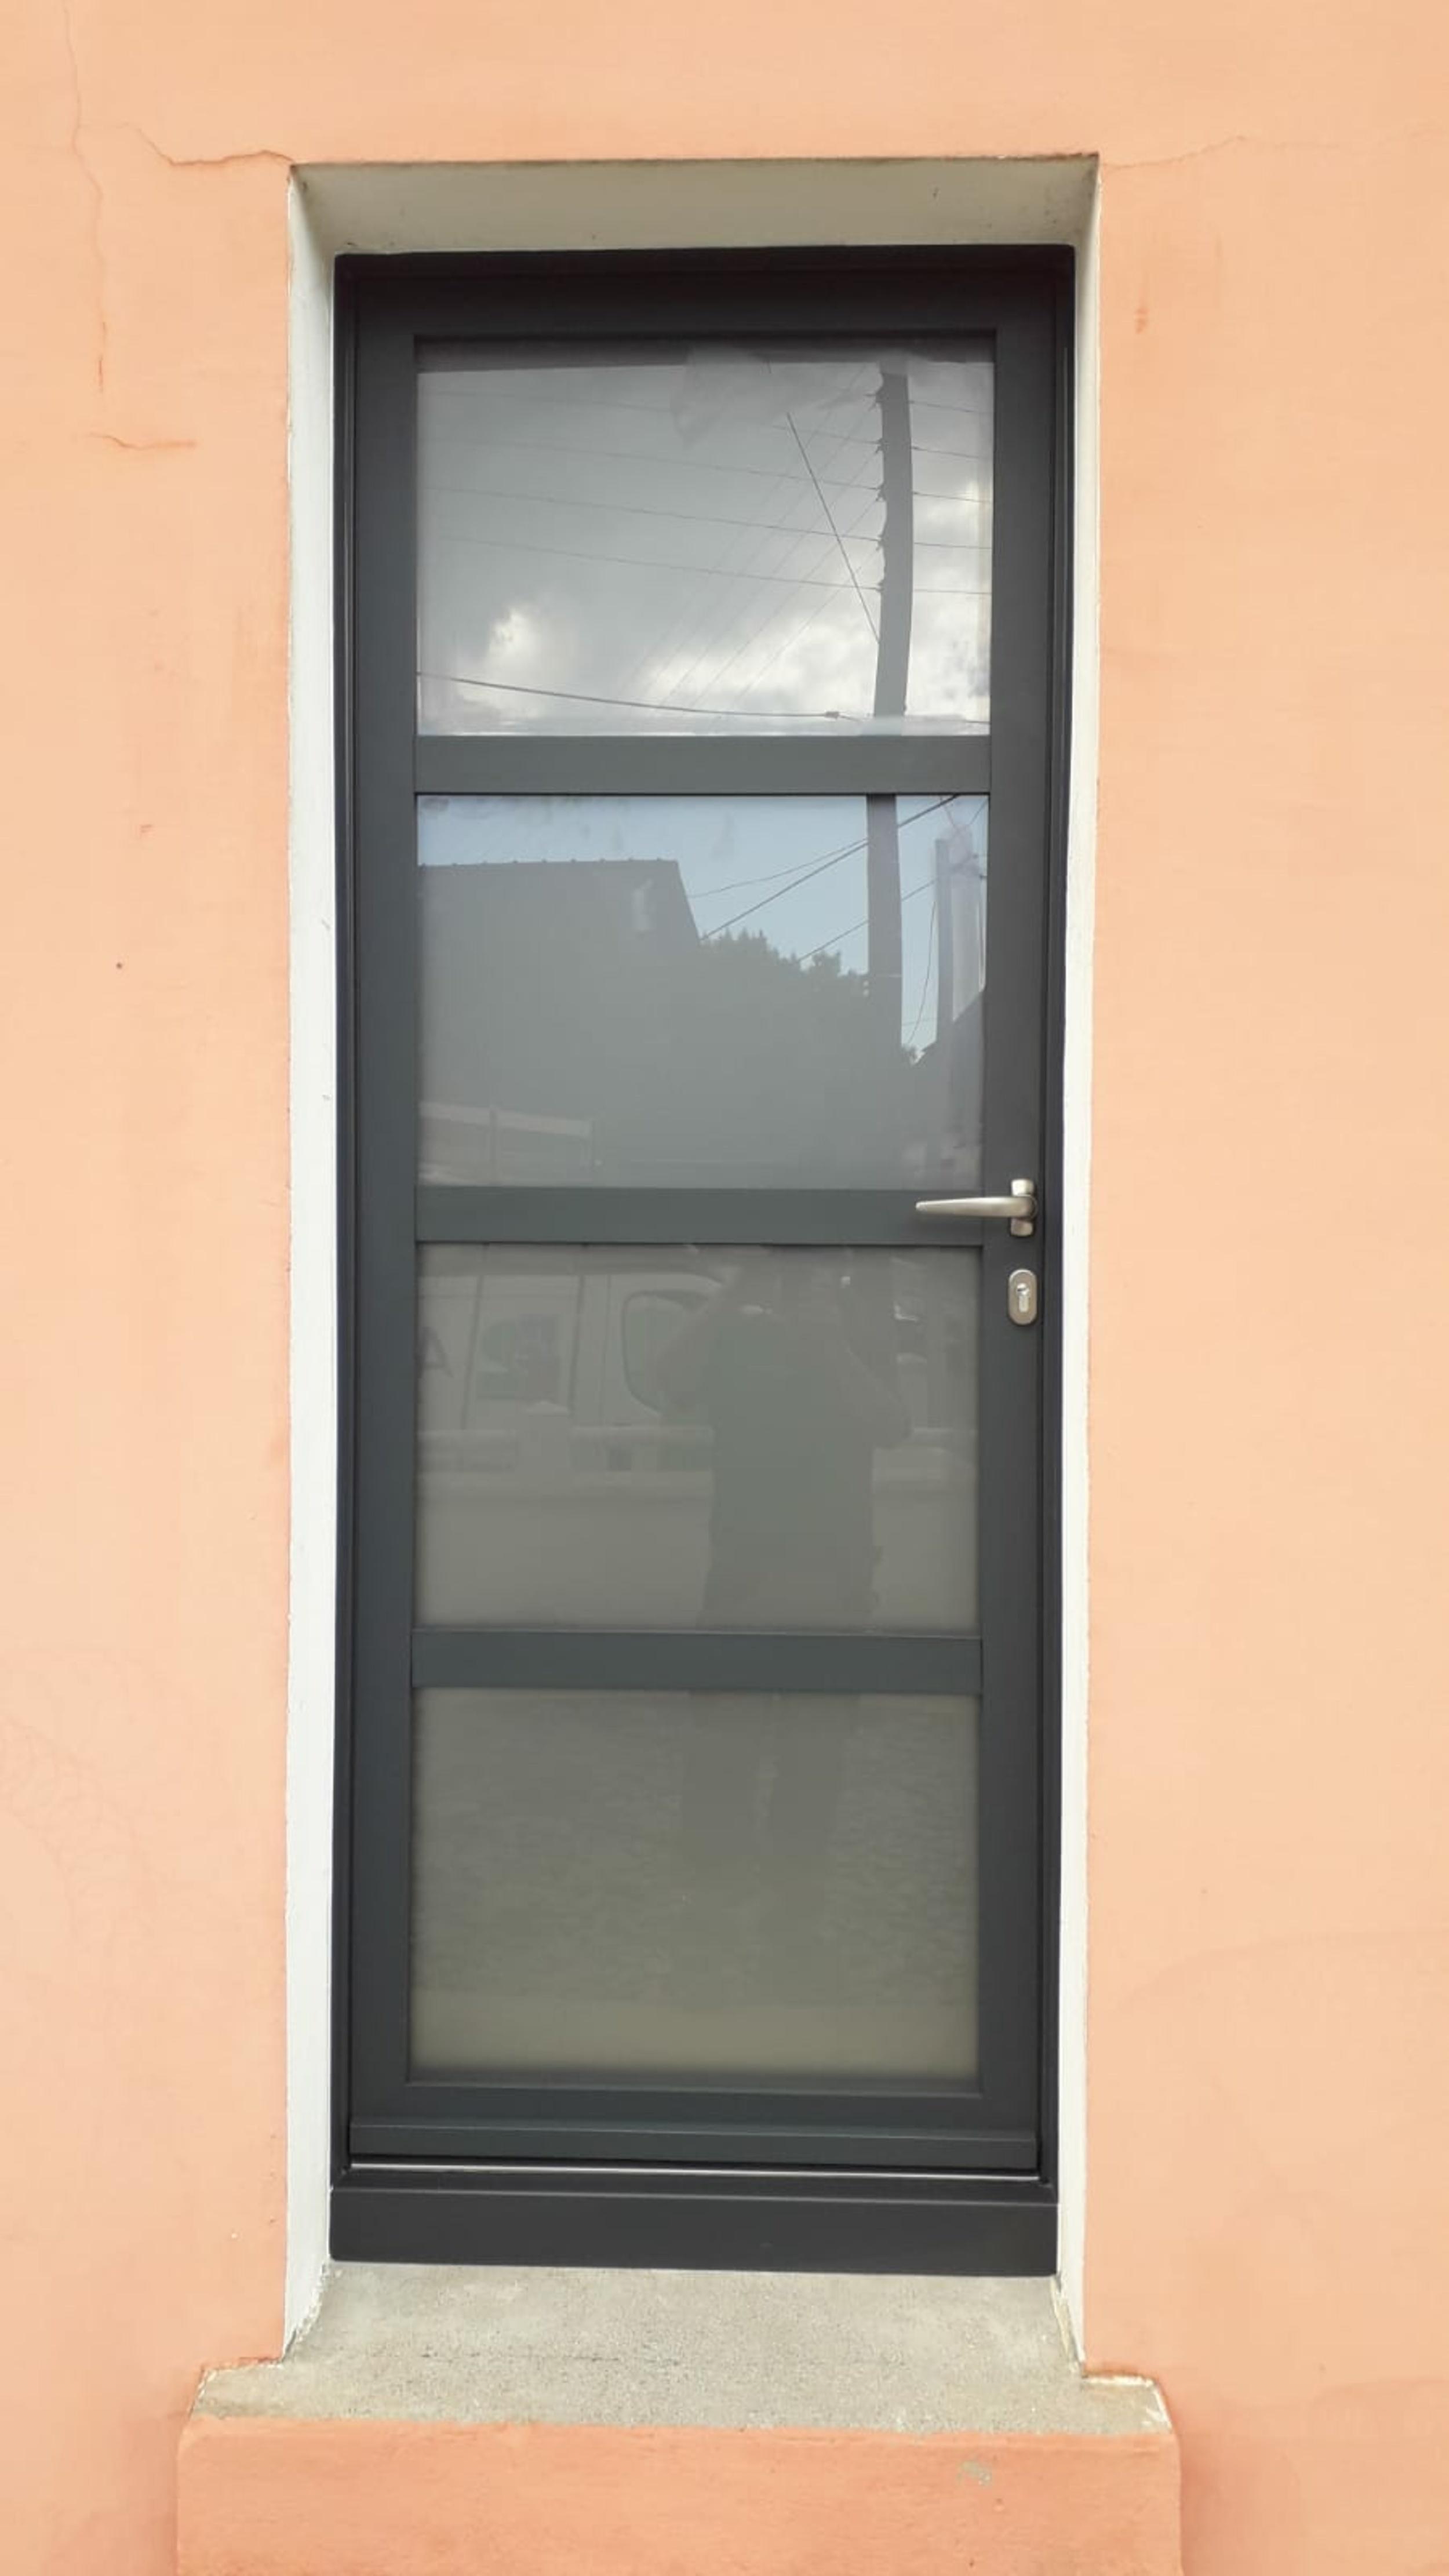 Porte d''entrée alu et verre sablé : renovation